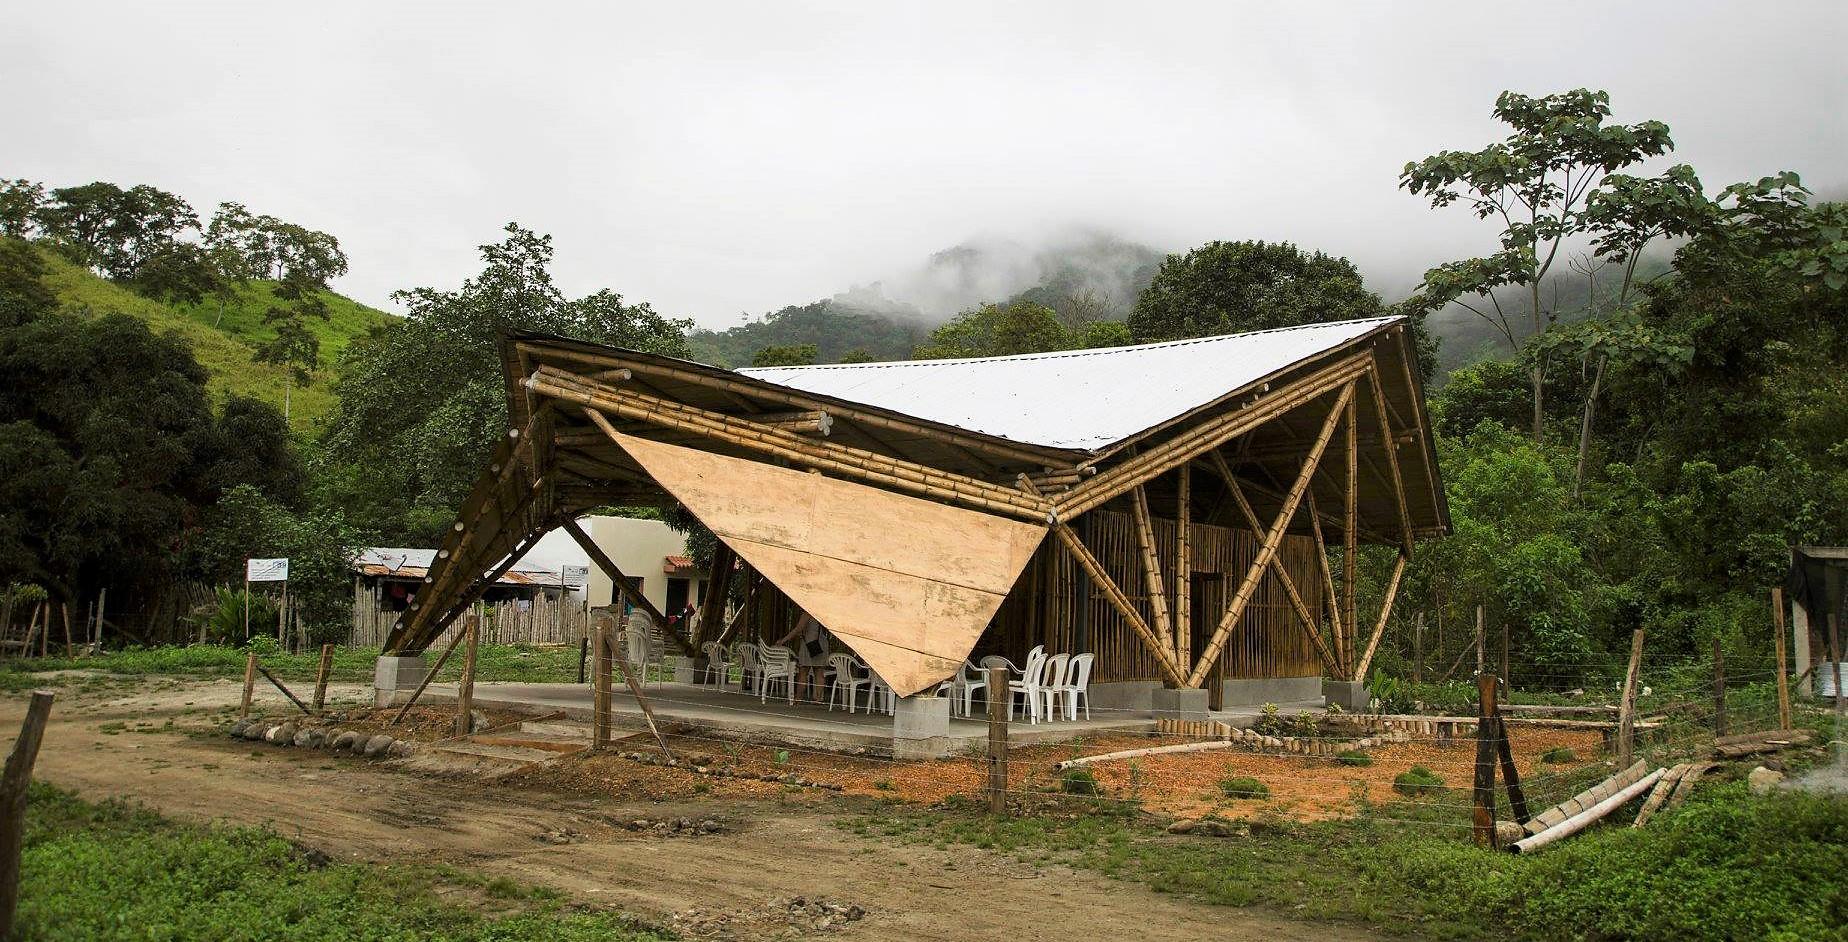 chapel, bamboo, Ecuador, building